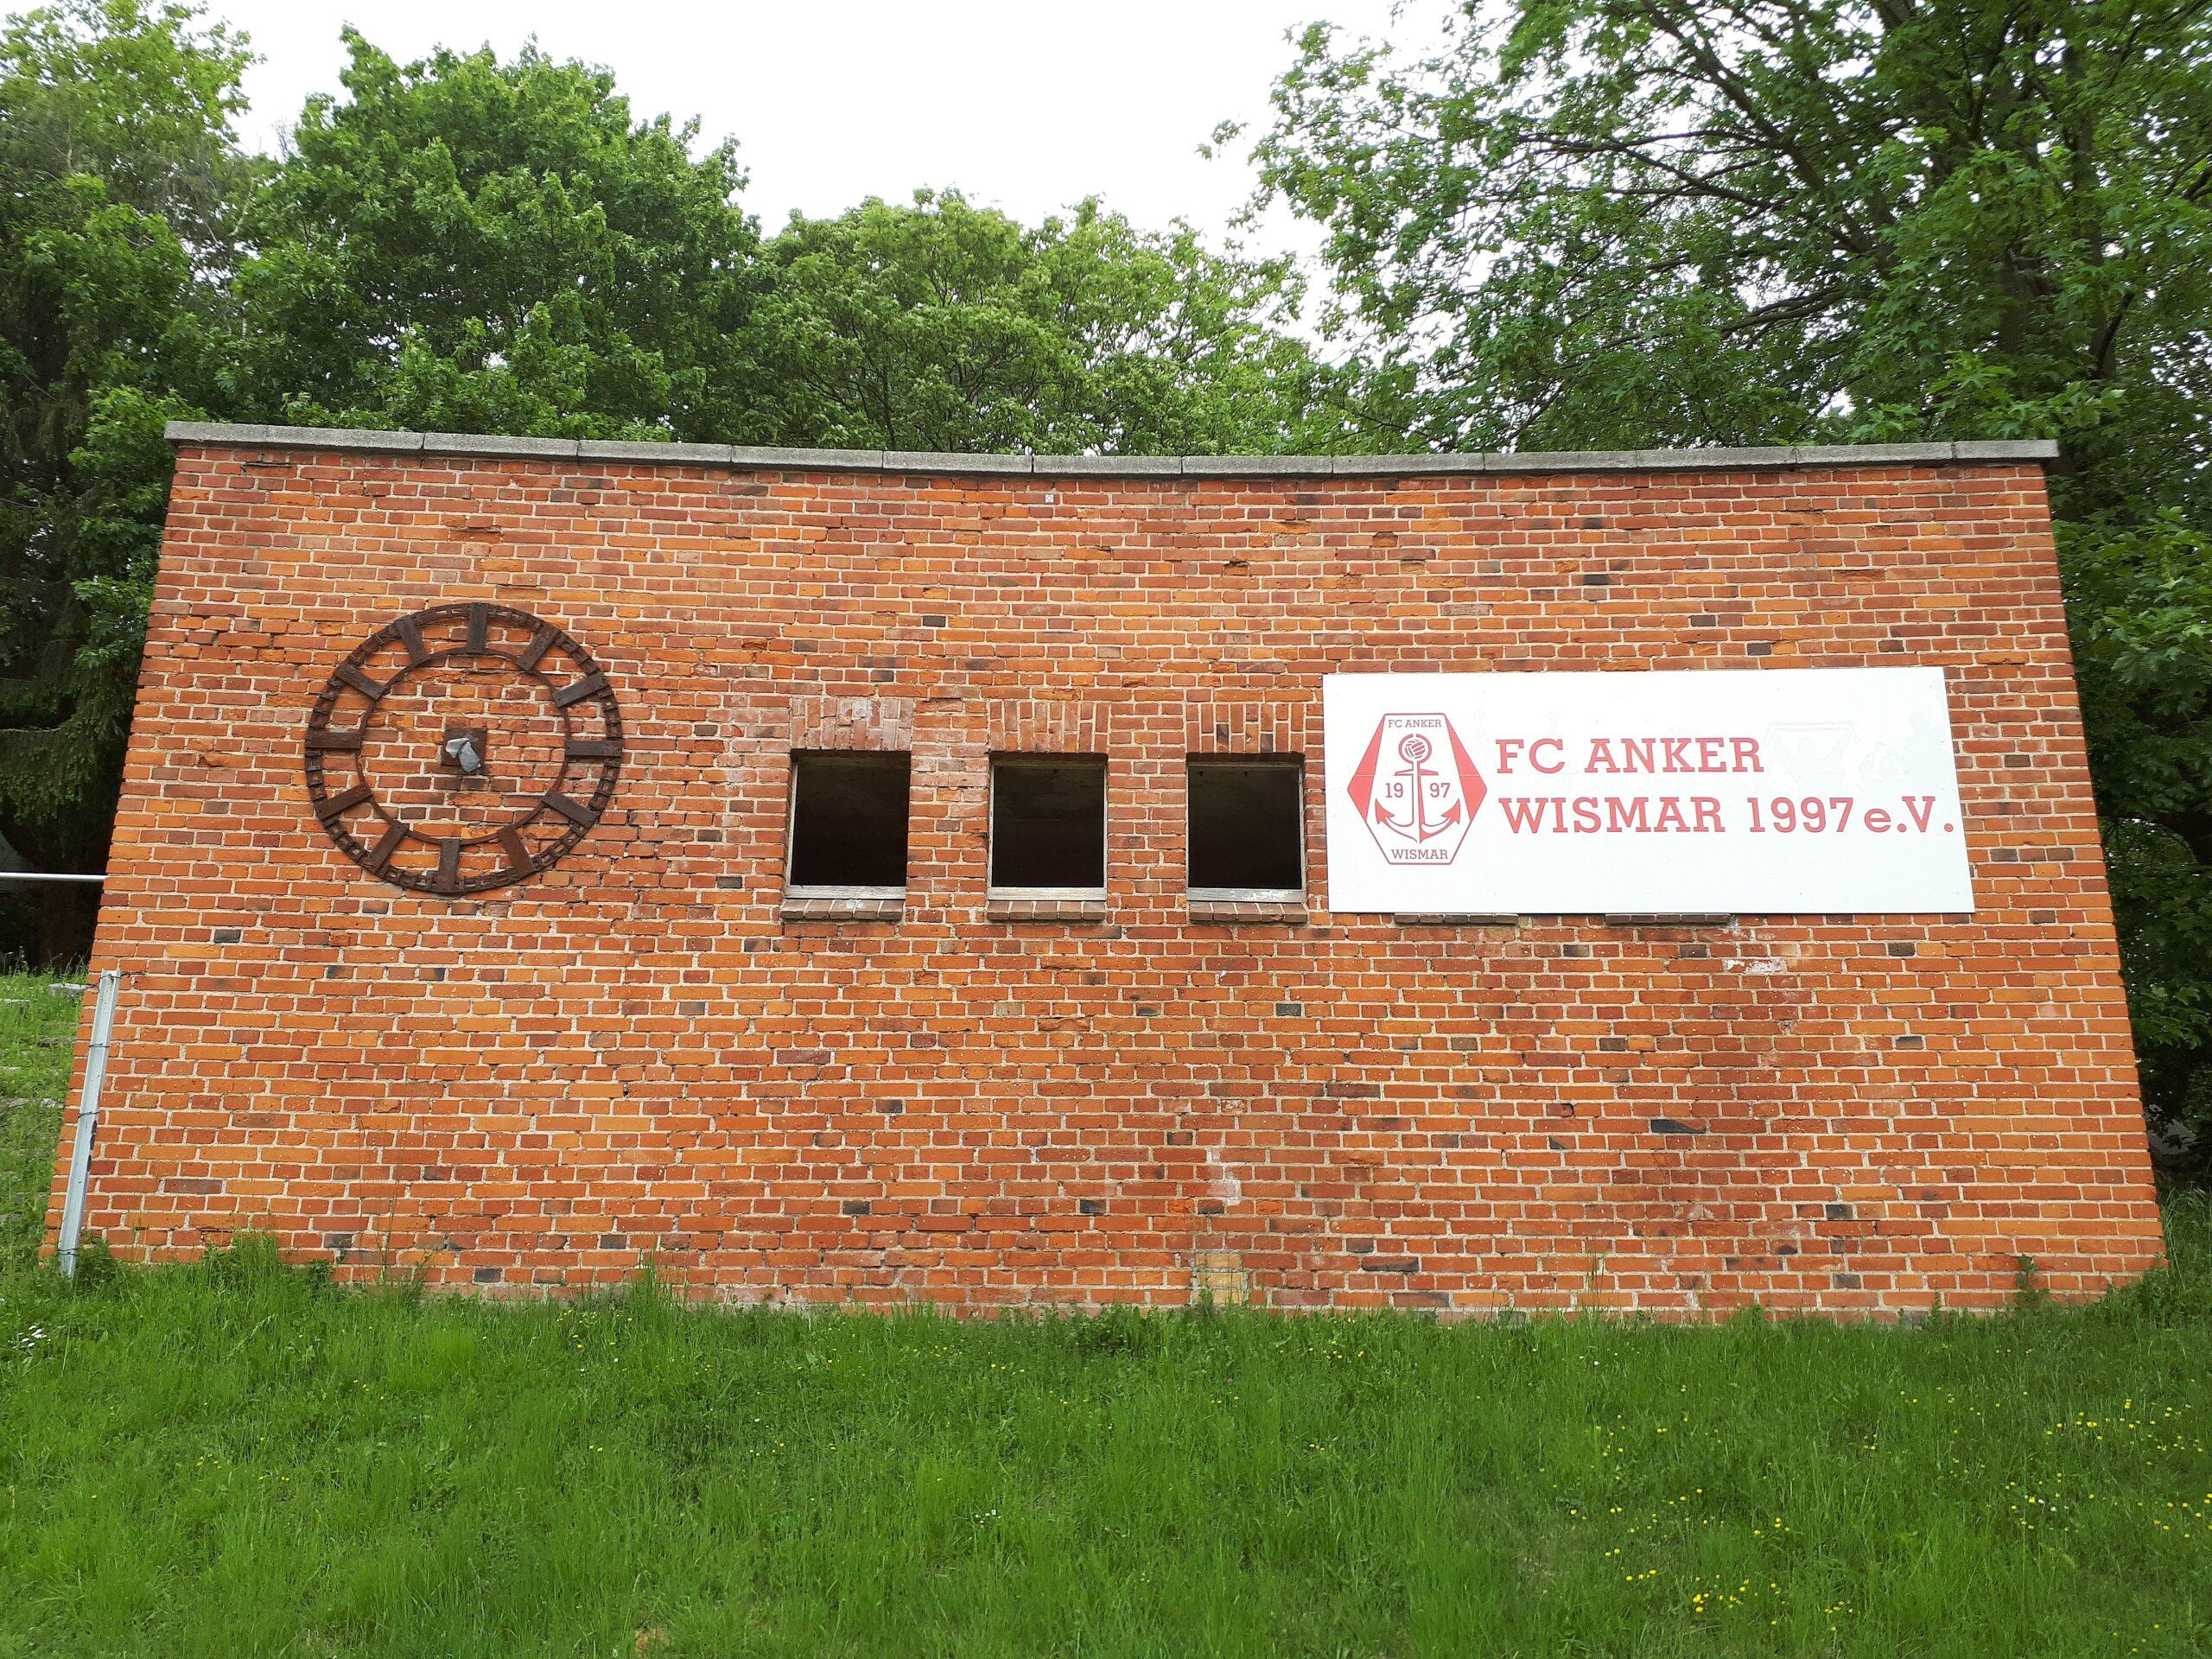 Der frühere Sprecherturm im Kurt-Bürger-Stadion zu Wismar